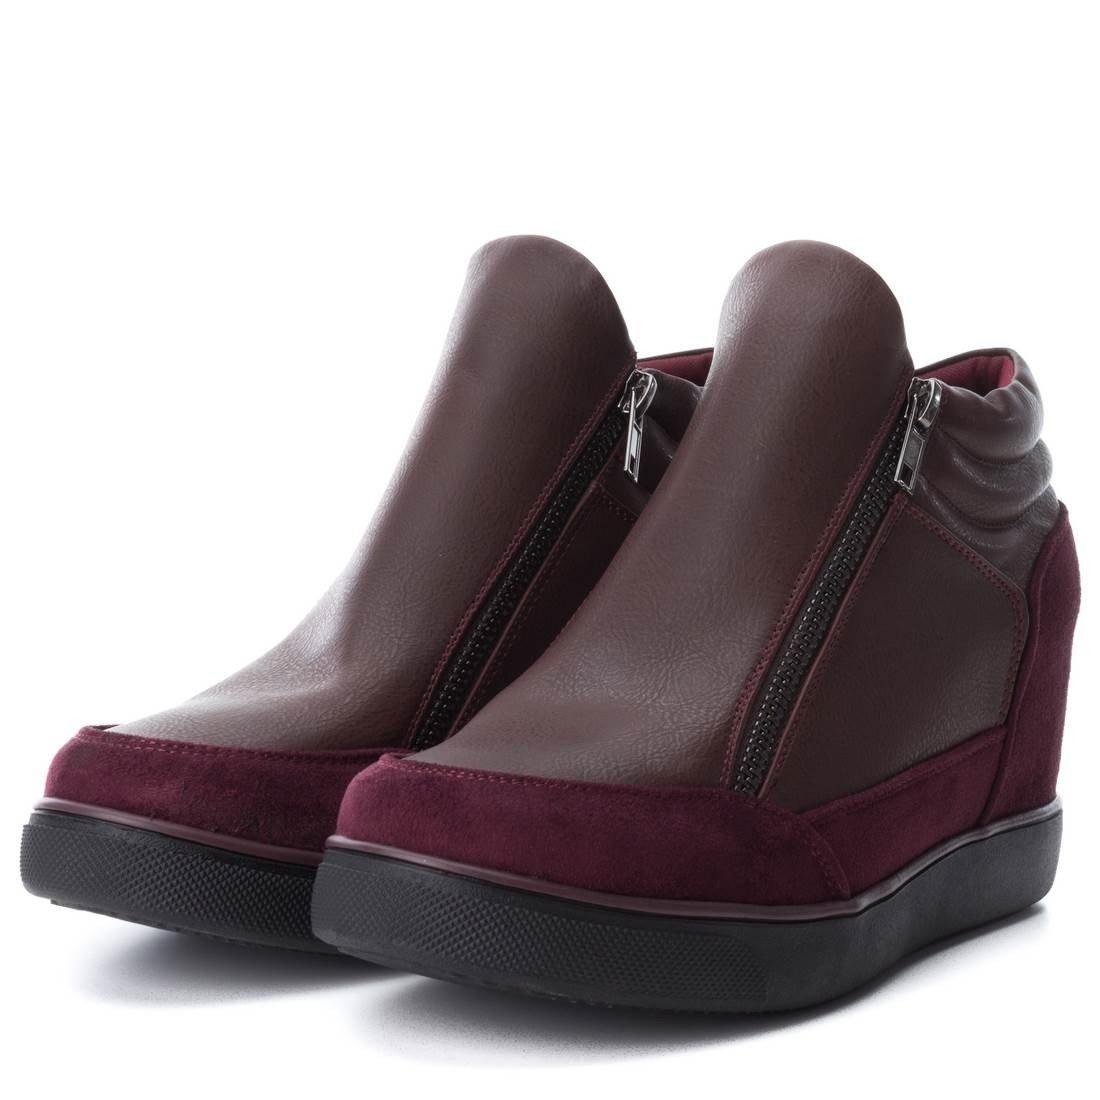 Xti 047439 Botín De Mujer 047439 Sintético Mujer Burdeos 41: Amazon.es: Zapatos y complementos